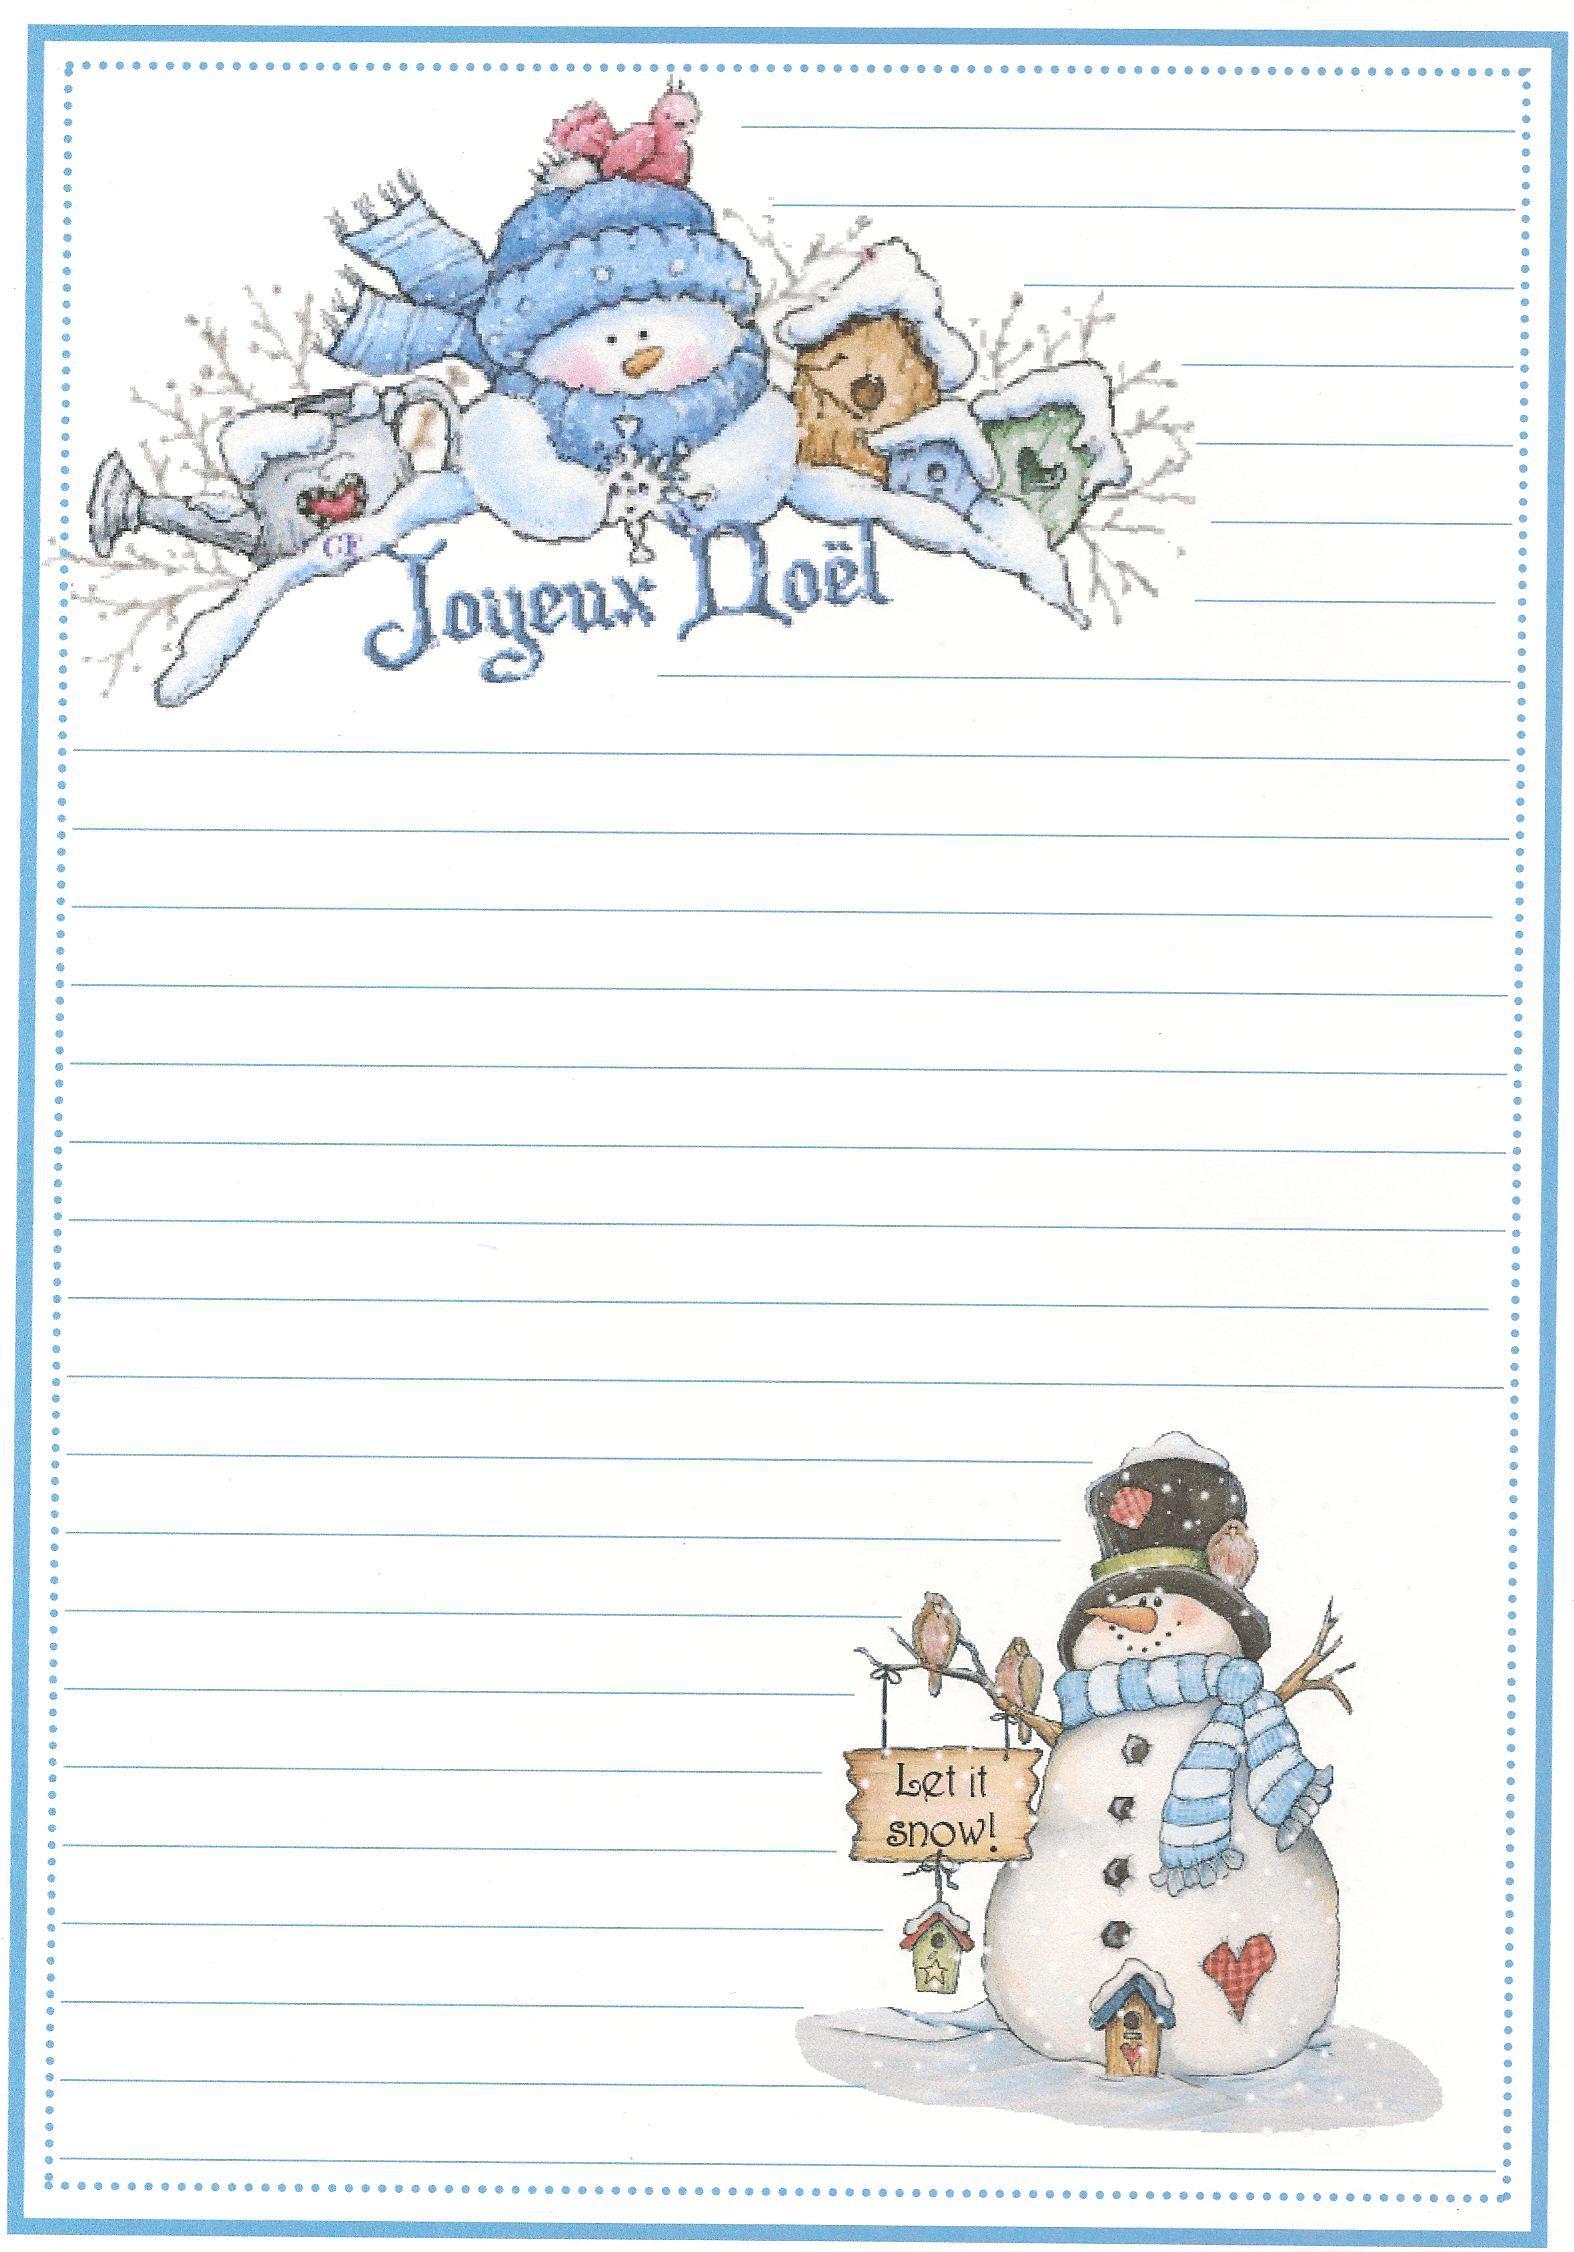 Mod le papier lettre joyeux noel - Lettre de noel a imprimer ...